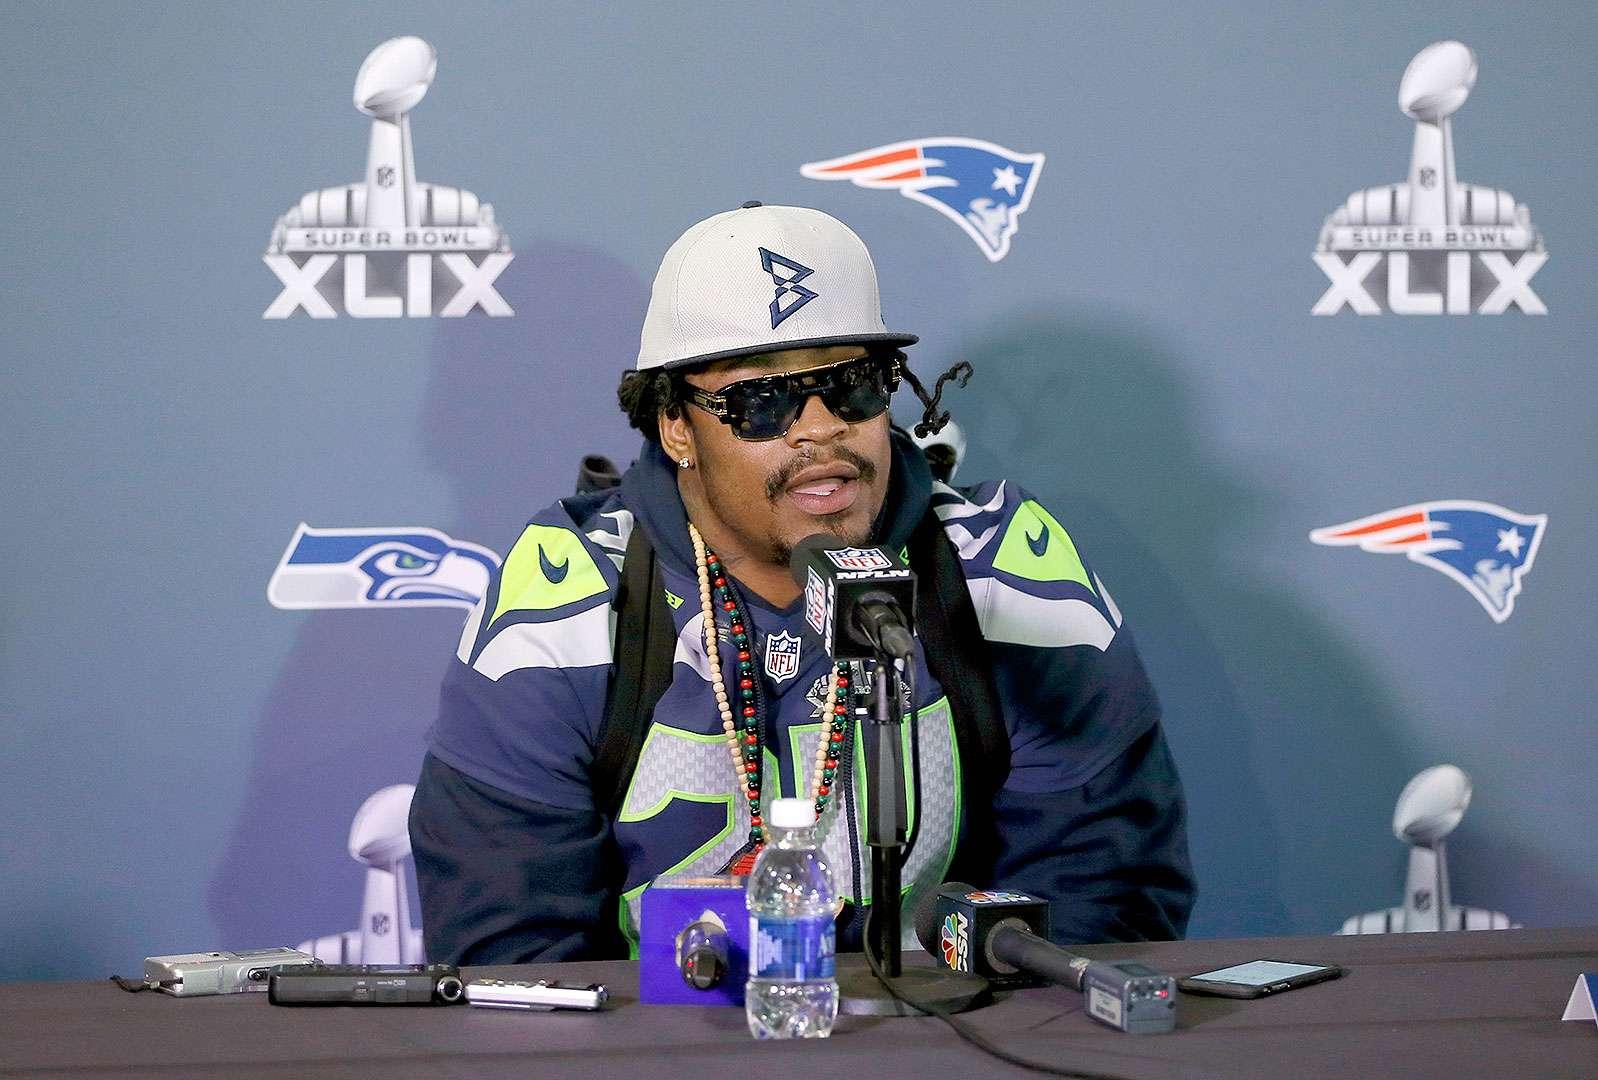 Marshawn Lynch, corredor de los Seattle Seahawks, habló con los medios de comunicación previo al Super Bowl XLIX. Foto: AP